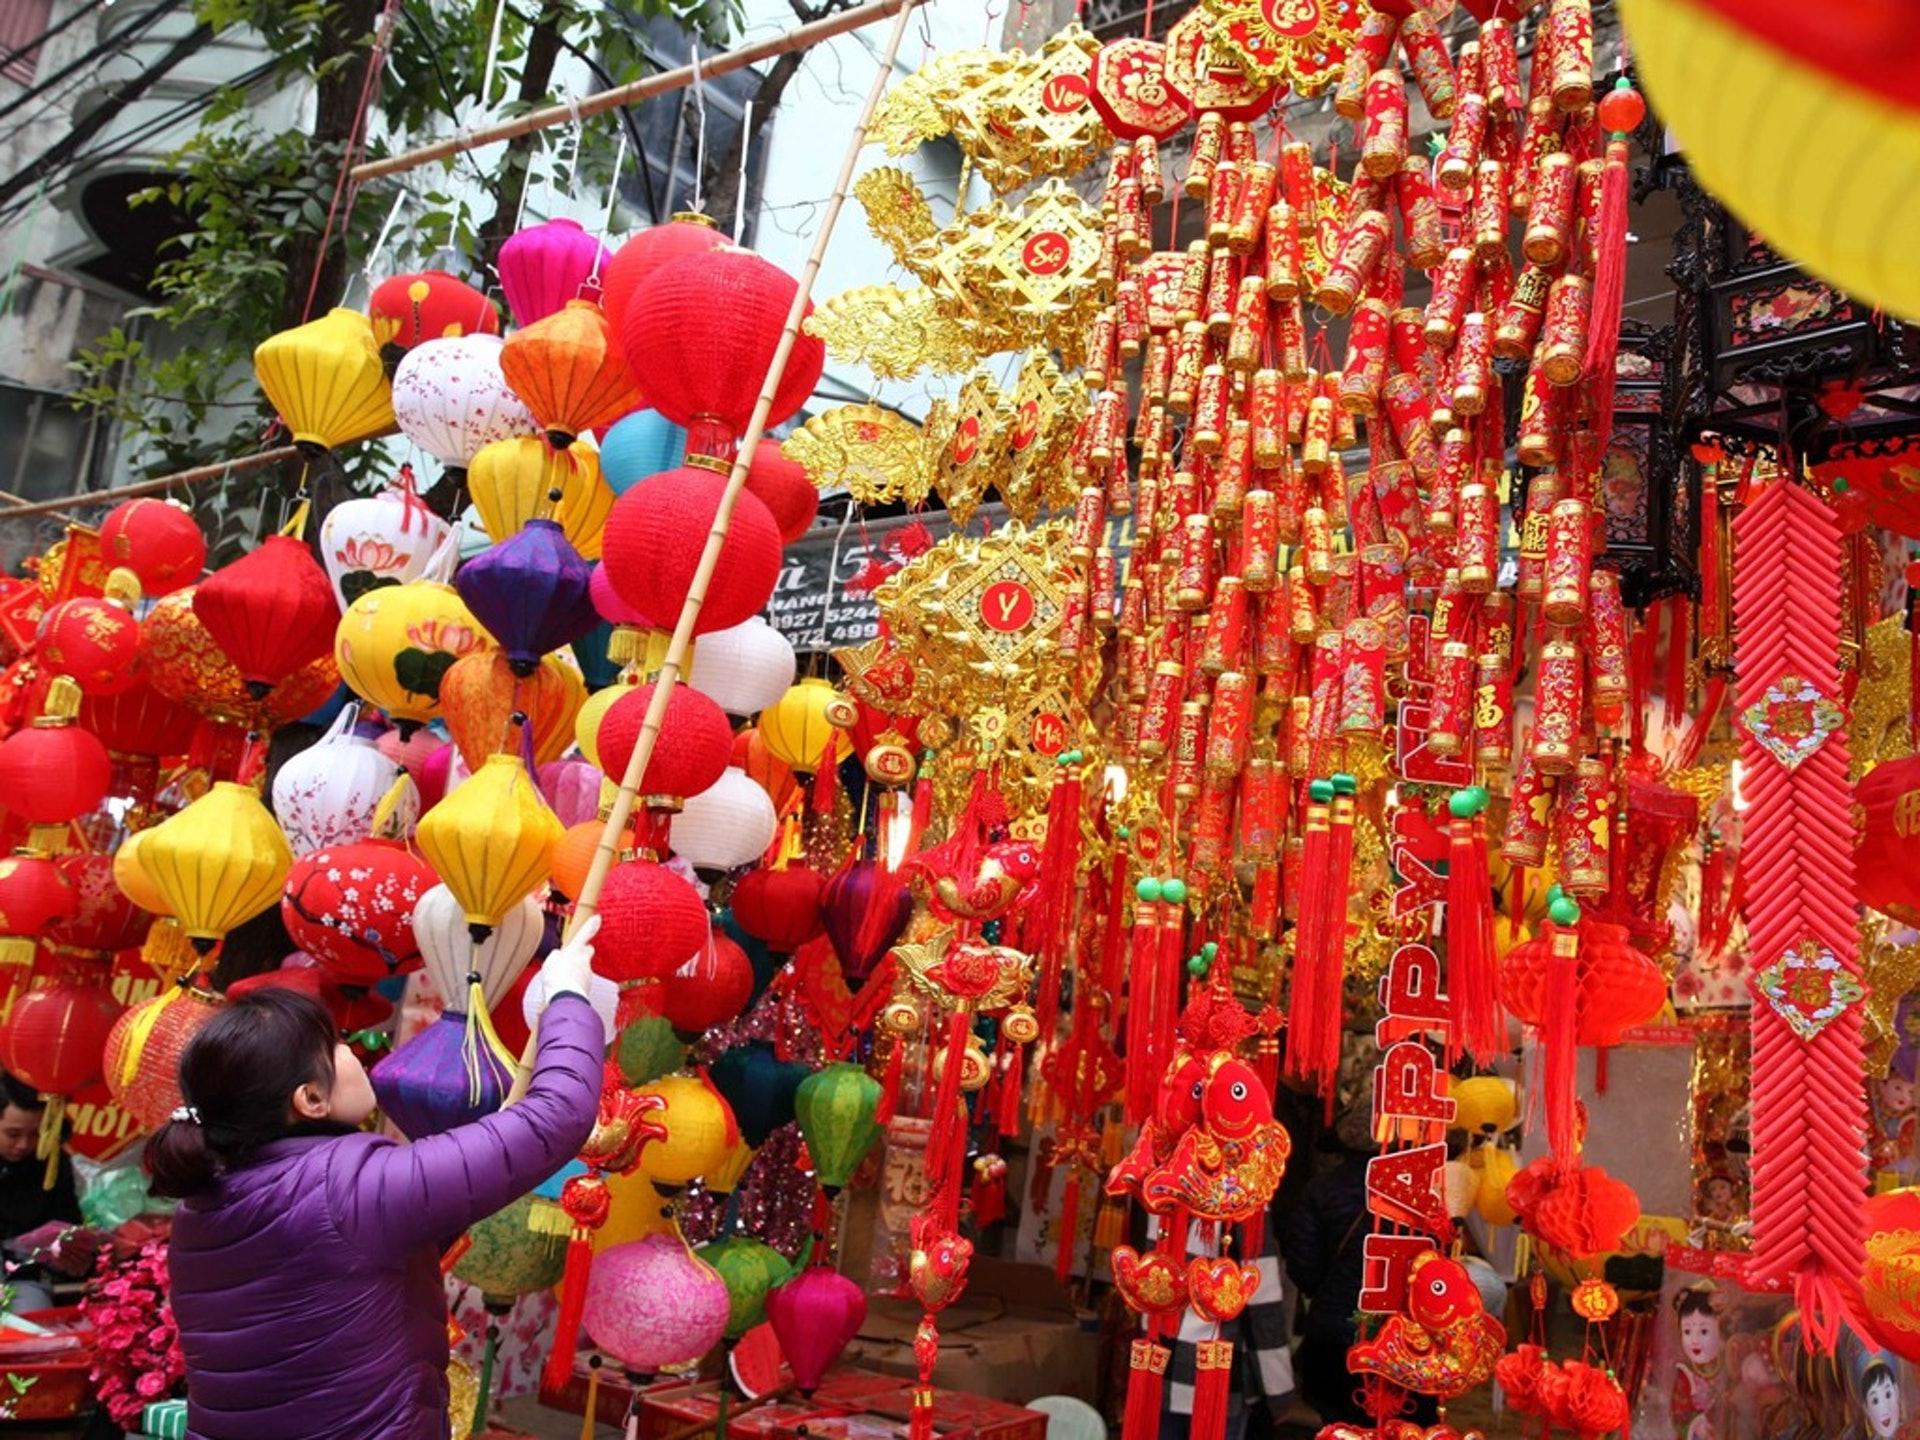 相对于越南国内中产、新贵对其同胞生活的疏离,华文世界看到越南城乡的生活现状,反而会有些亲切感。越南城市居民相当于中国内地20世纪90年代的精神状态拉近了两国间的距离。(新华社)